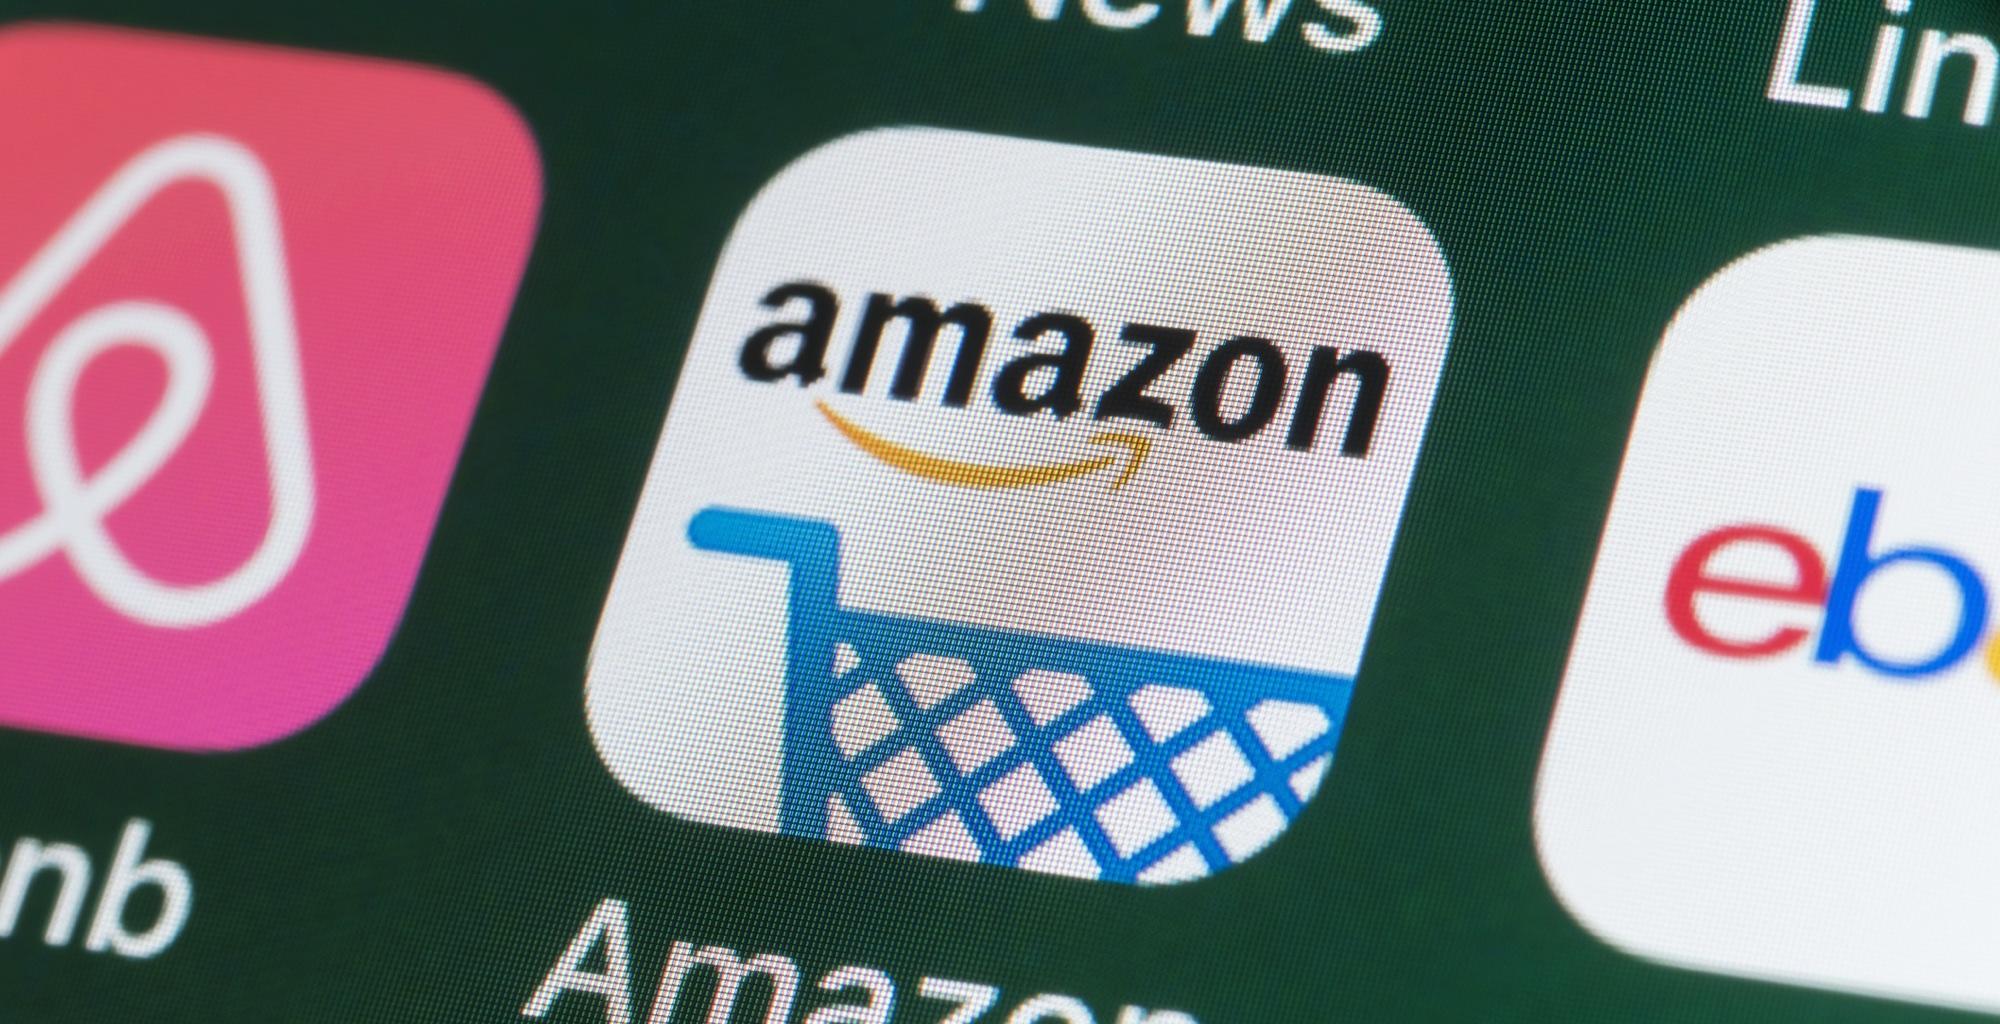 ¿Es rentable vender en Amazon? Te ayudamos a calcularlo